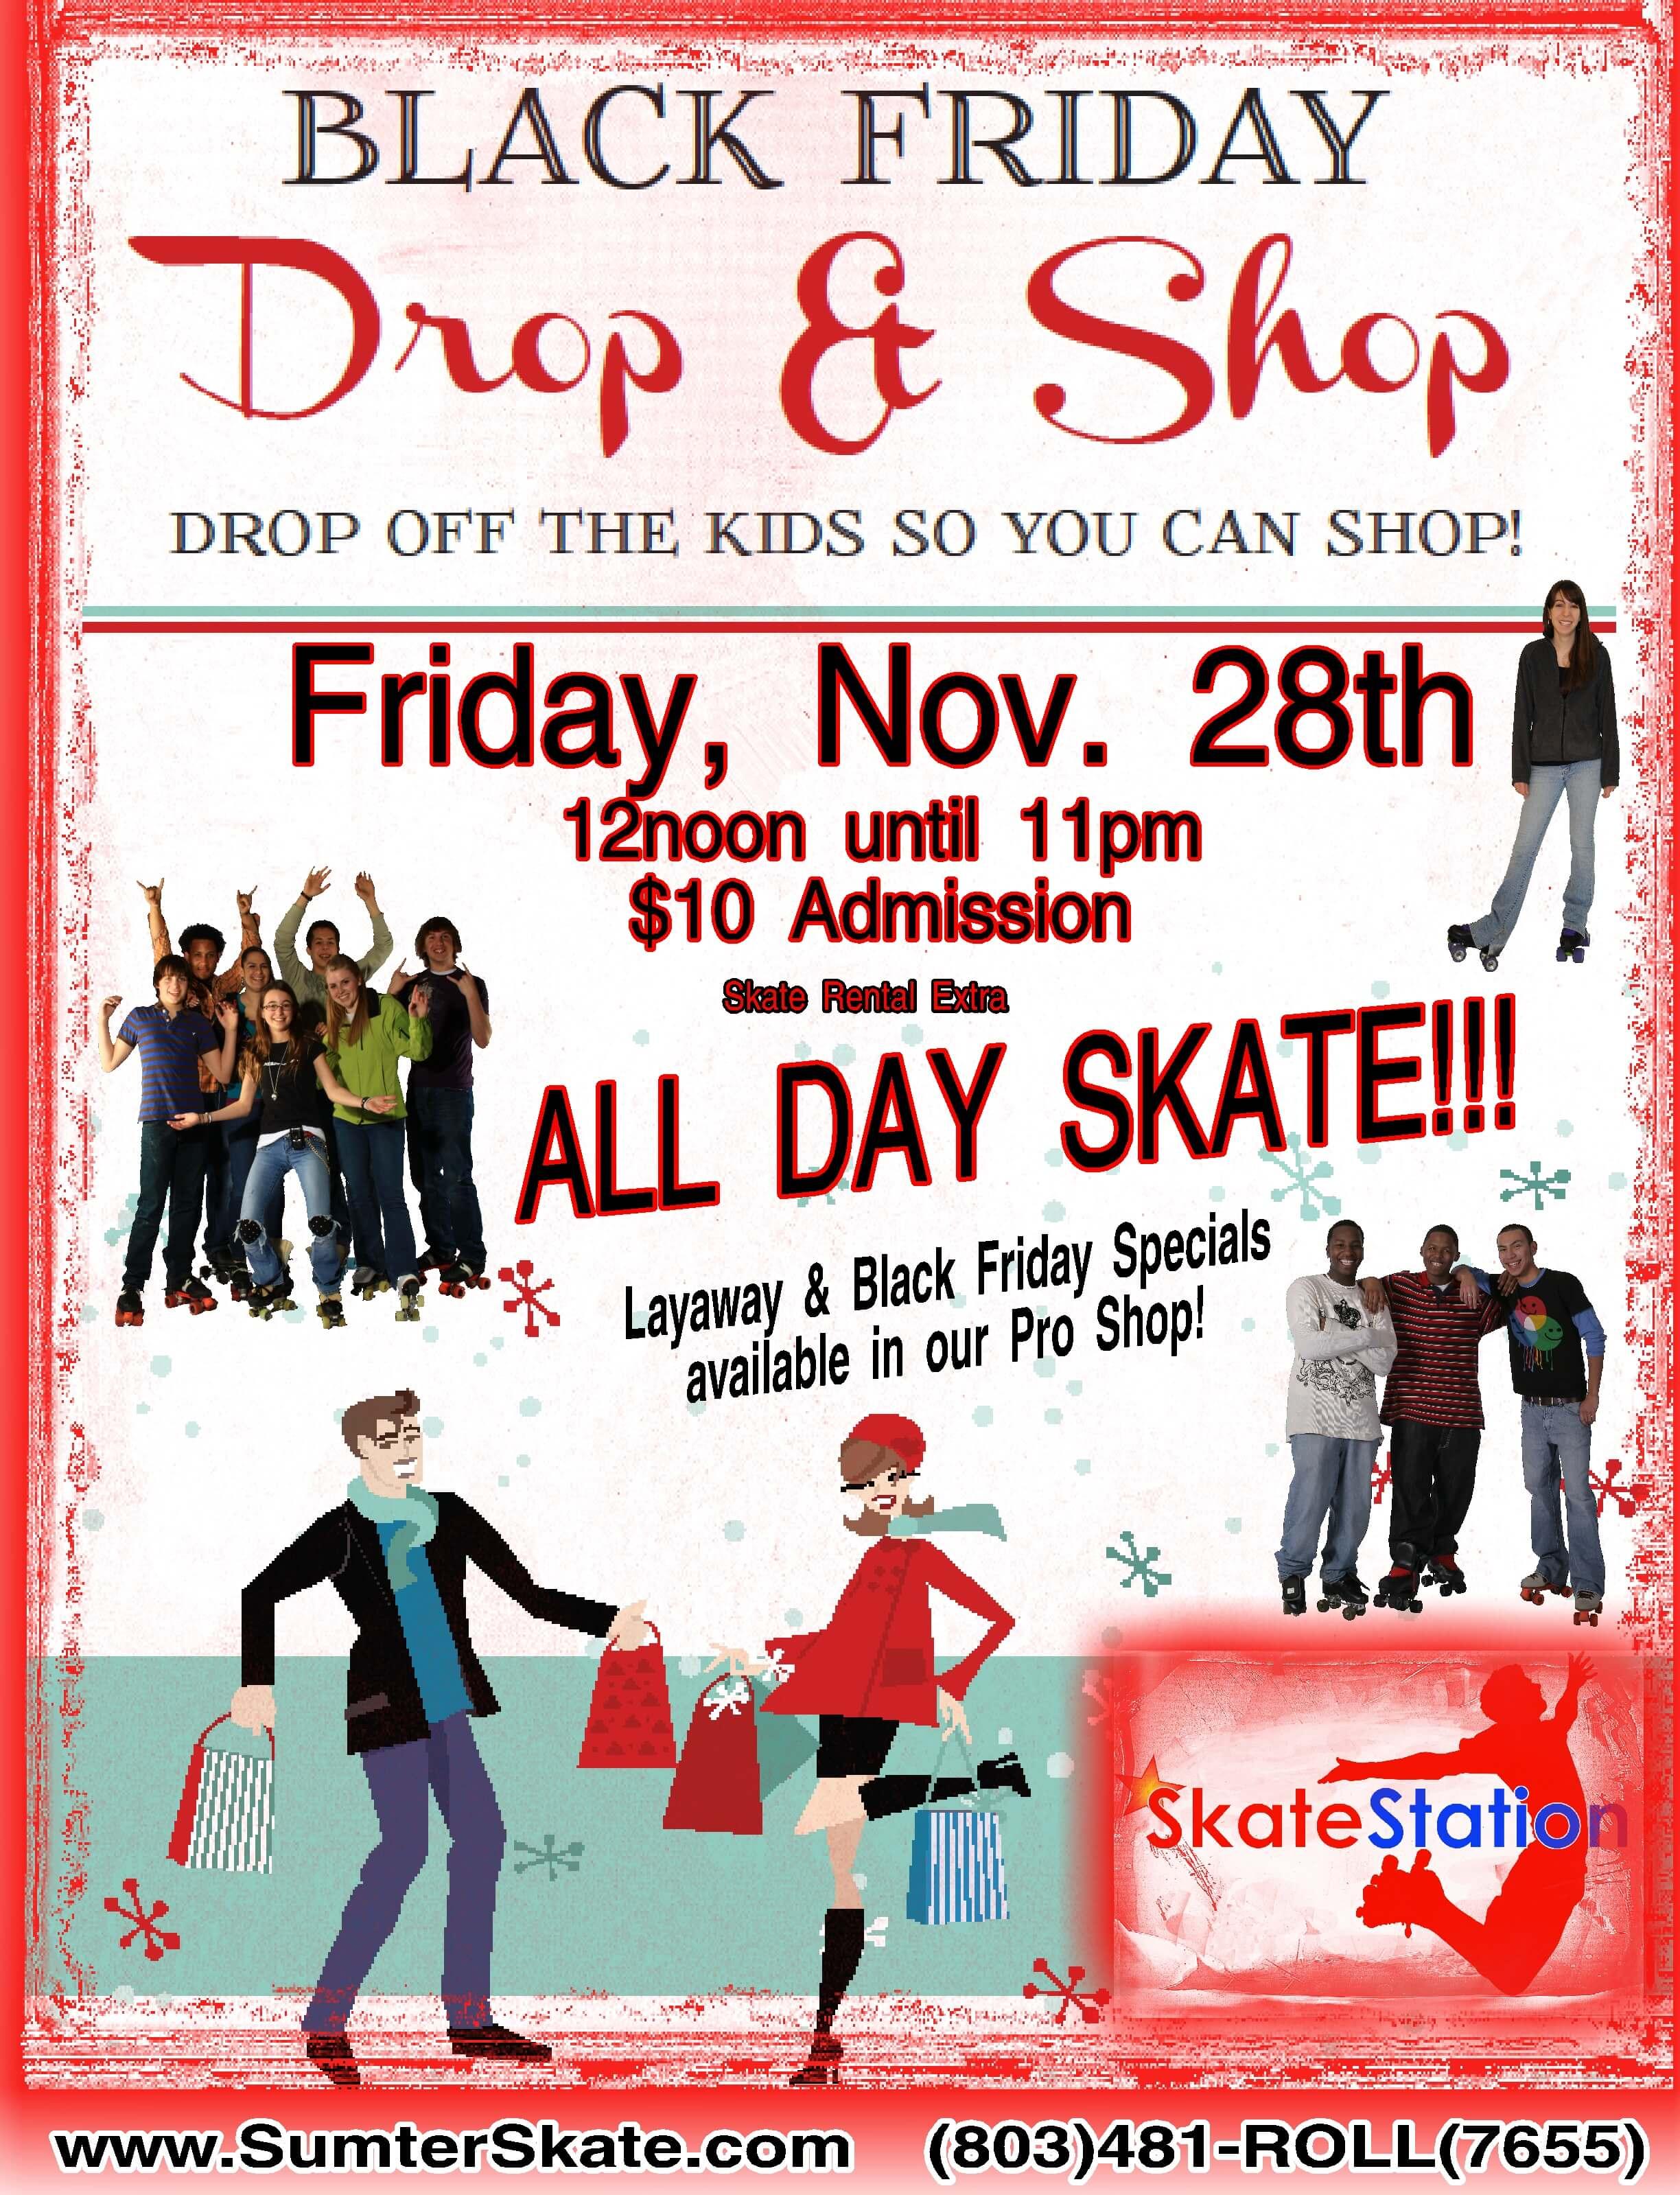 roller skating sumter sc skating rink birthdays events. Black Bedroom Furniture Sets. Home Design Ideas